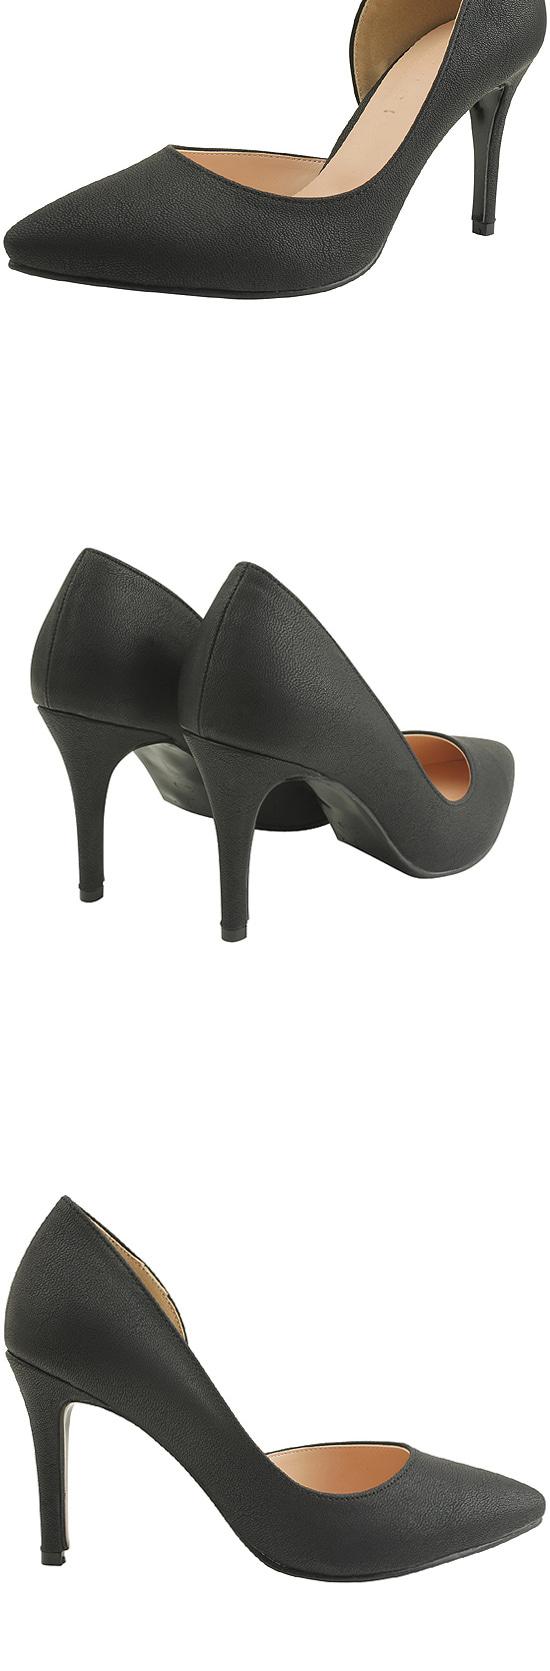 Inside Open Stiletto Heel 9cm Black